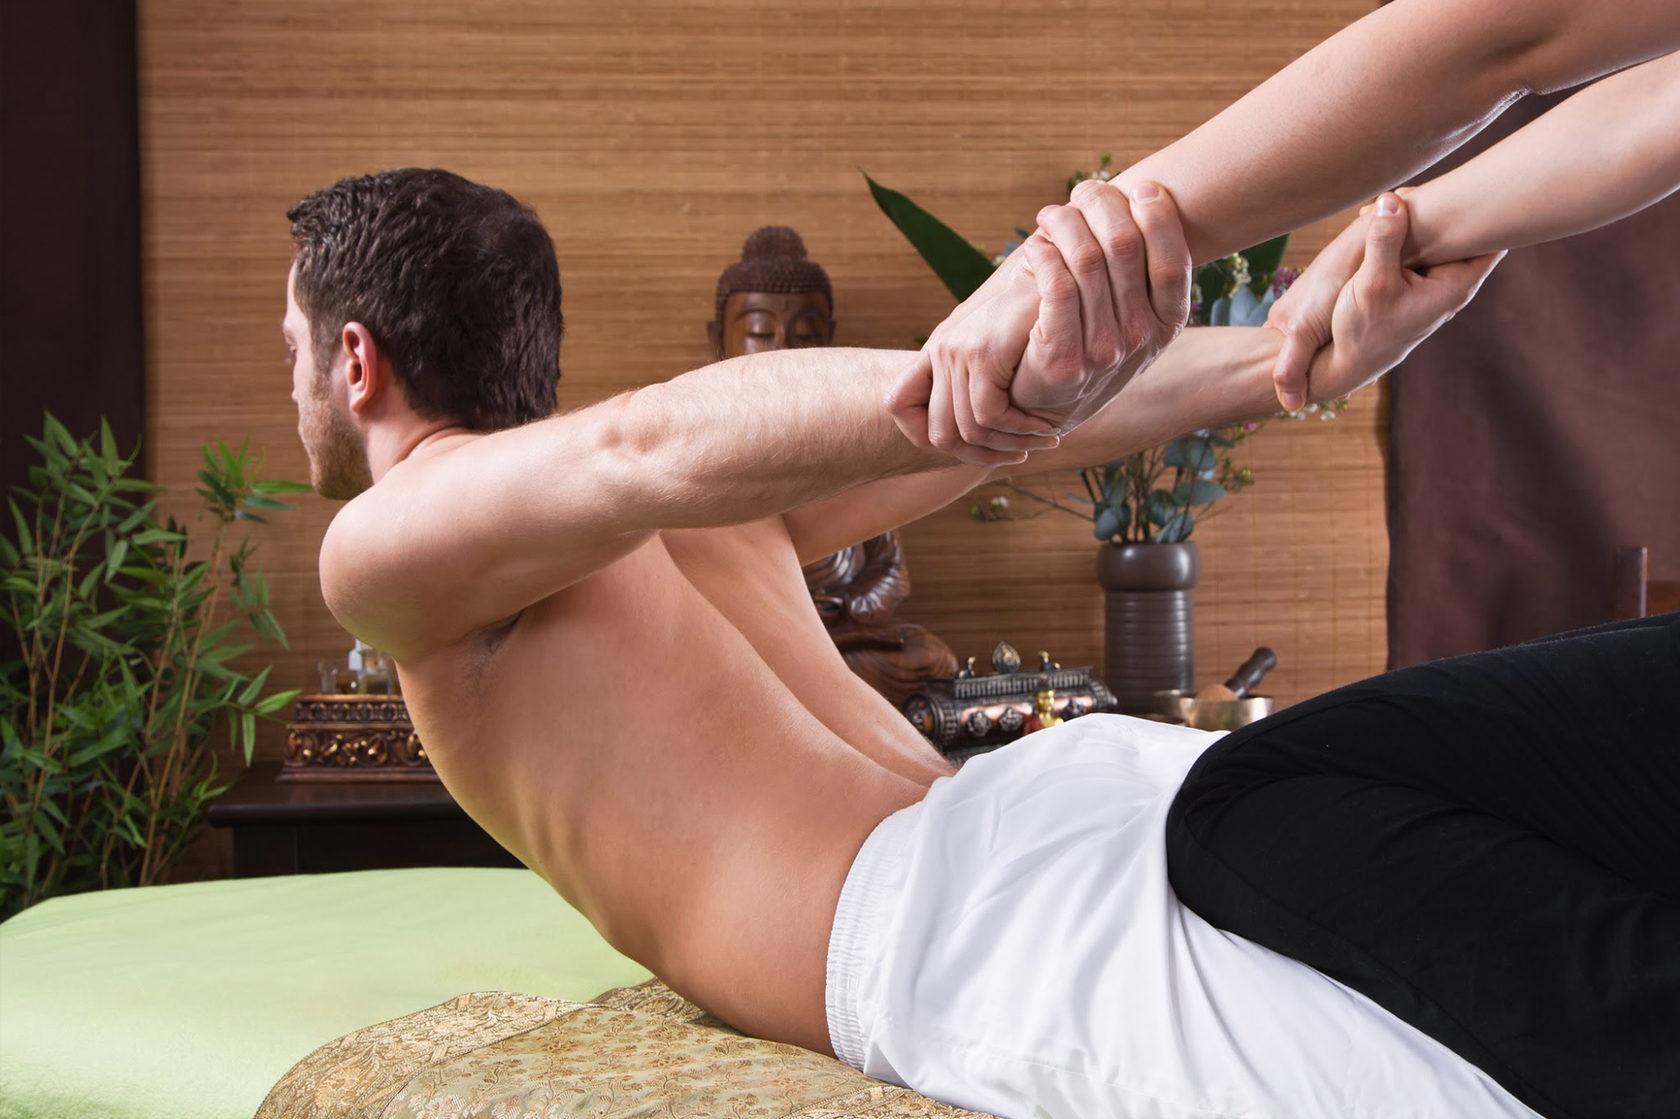 тебя тайский массаж мужчин видео продолжала отсасывать